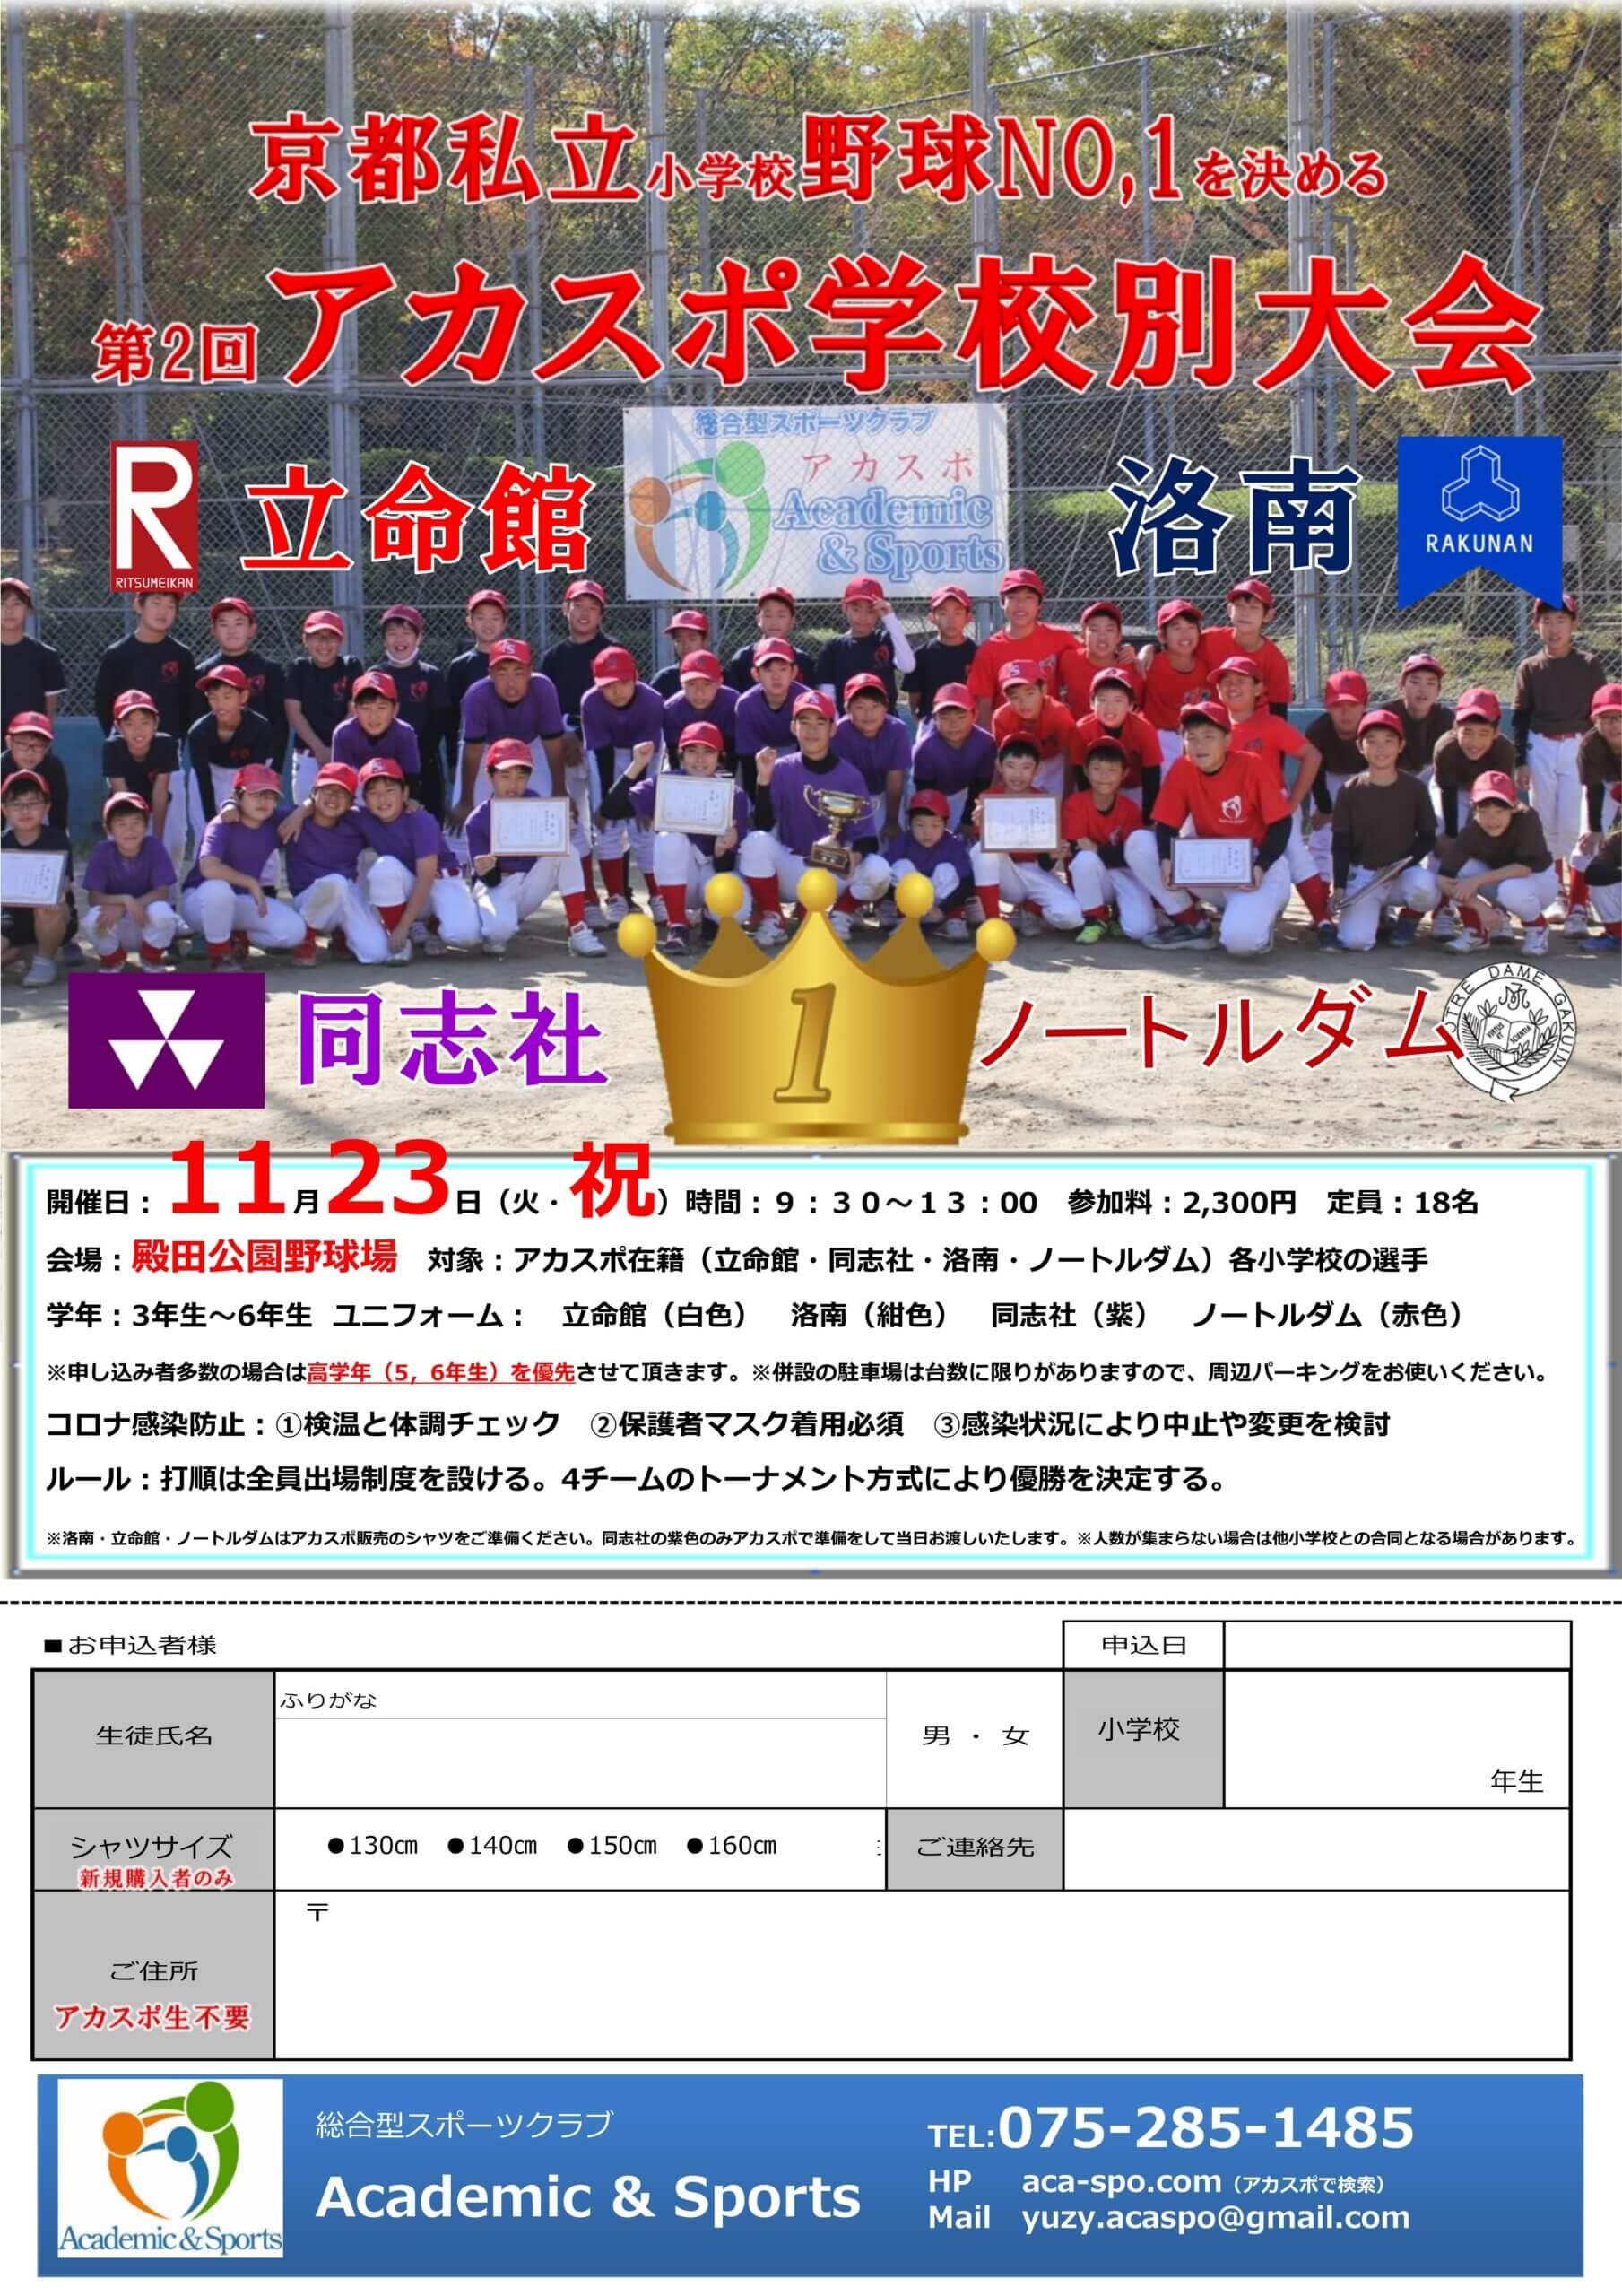 【野球スクール】京都私立小学校 学校別野球大会について